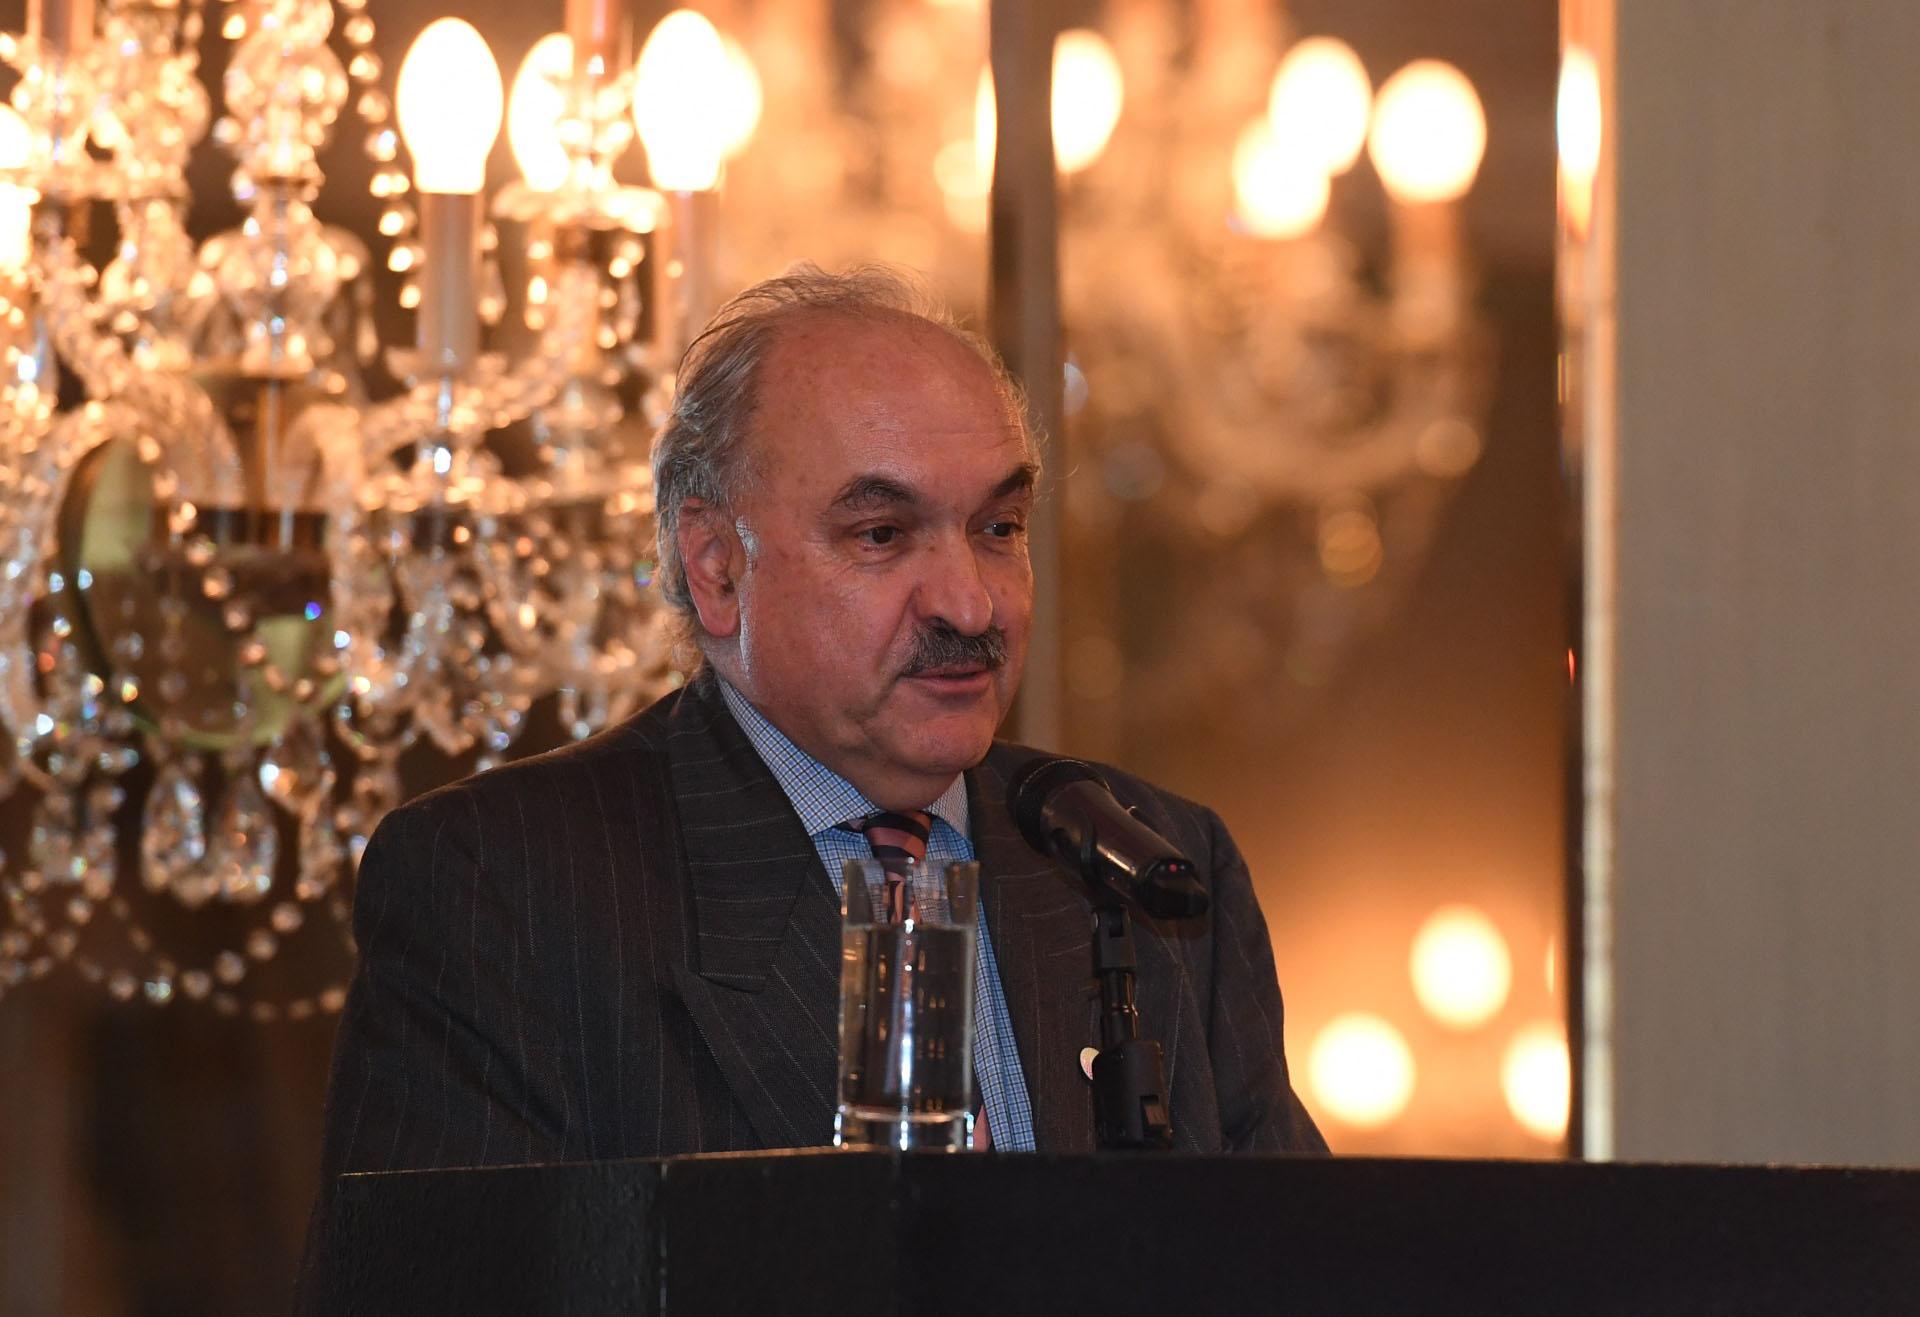 Pedro Villagra Delgado, sherpa del G20, dio la bienvenida a las delegaciones extranjeras que participaron del T20. (Maximiliano Luna)